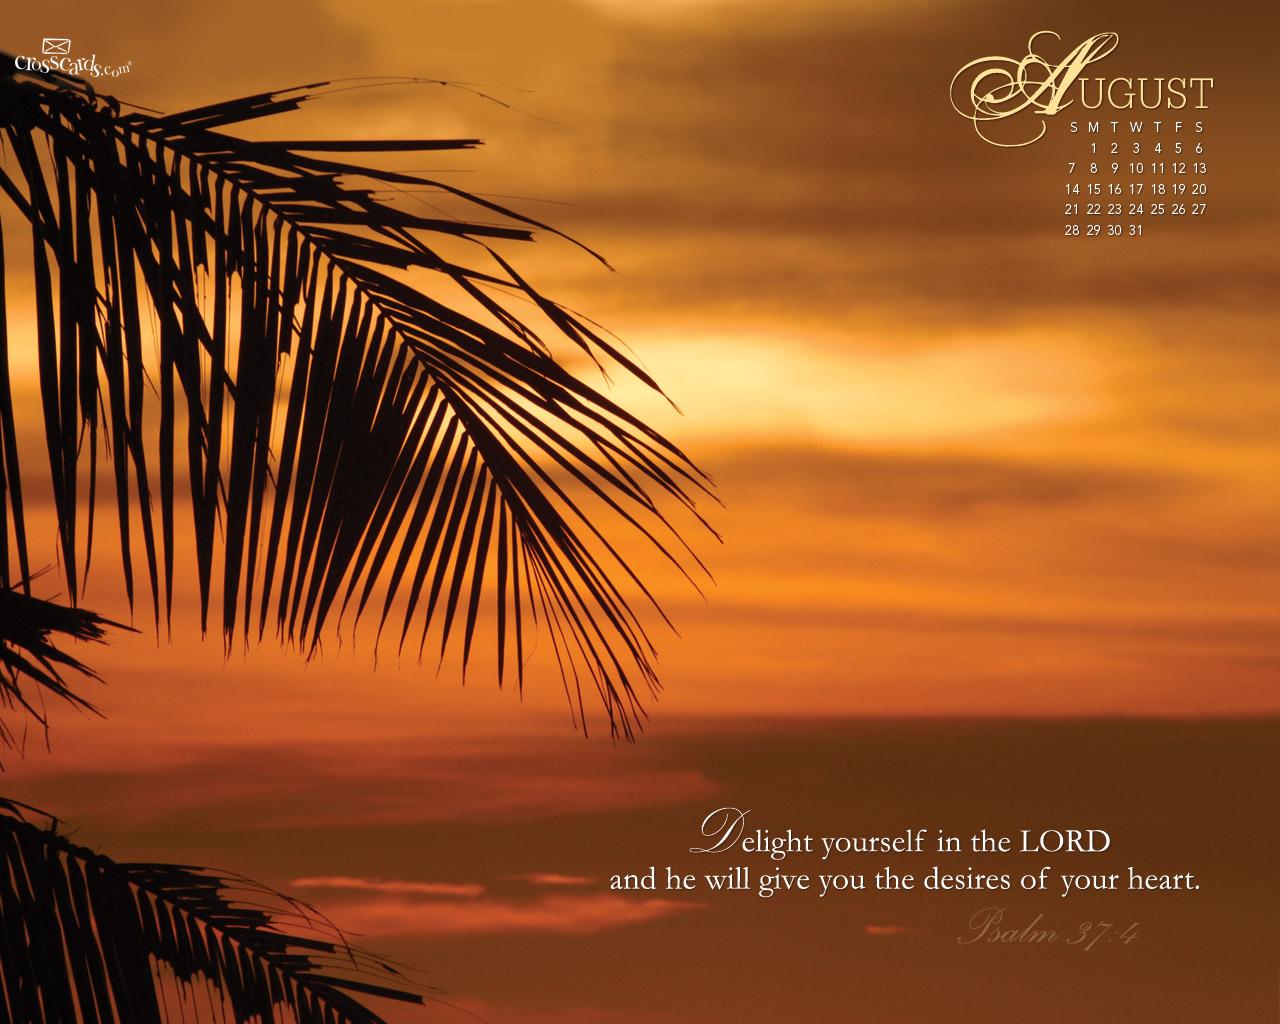 16392 christian desktop calendar wallpaper 1280x1024